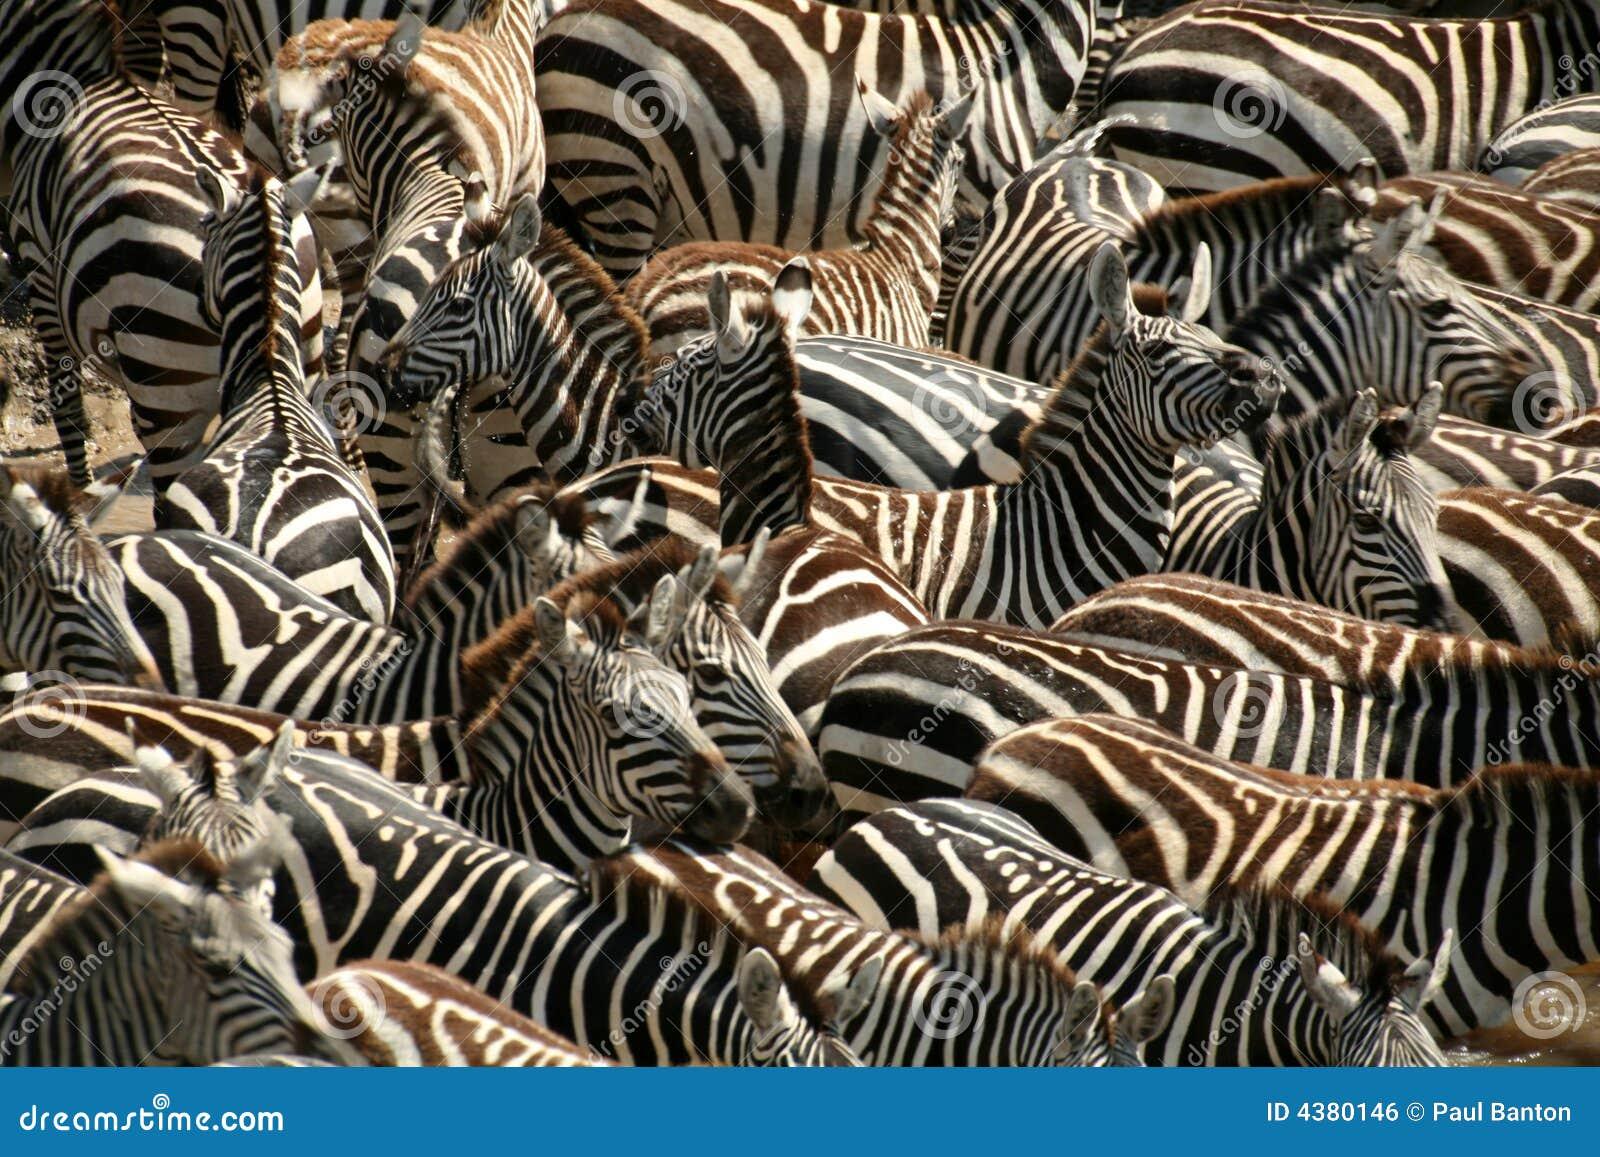 Zèbre (Kenya)